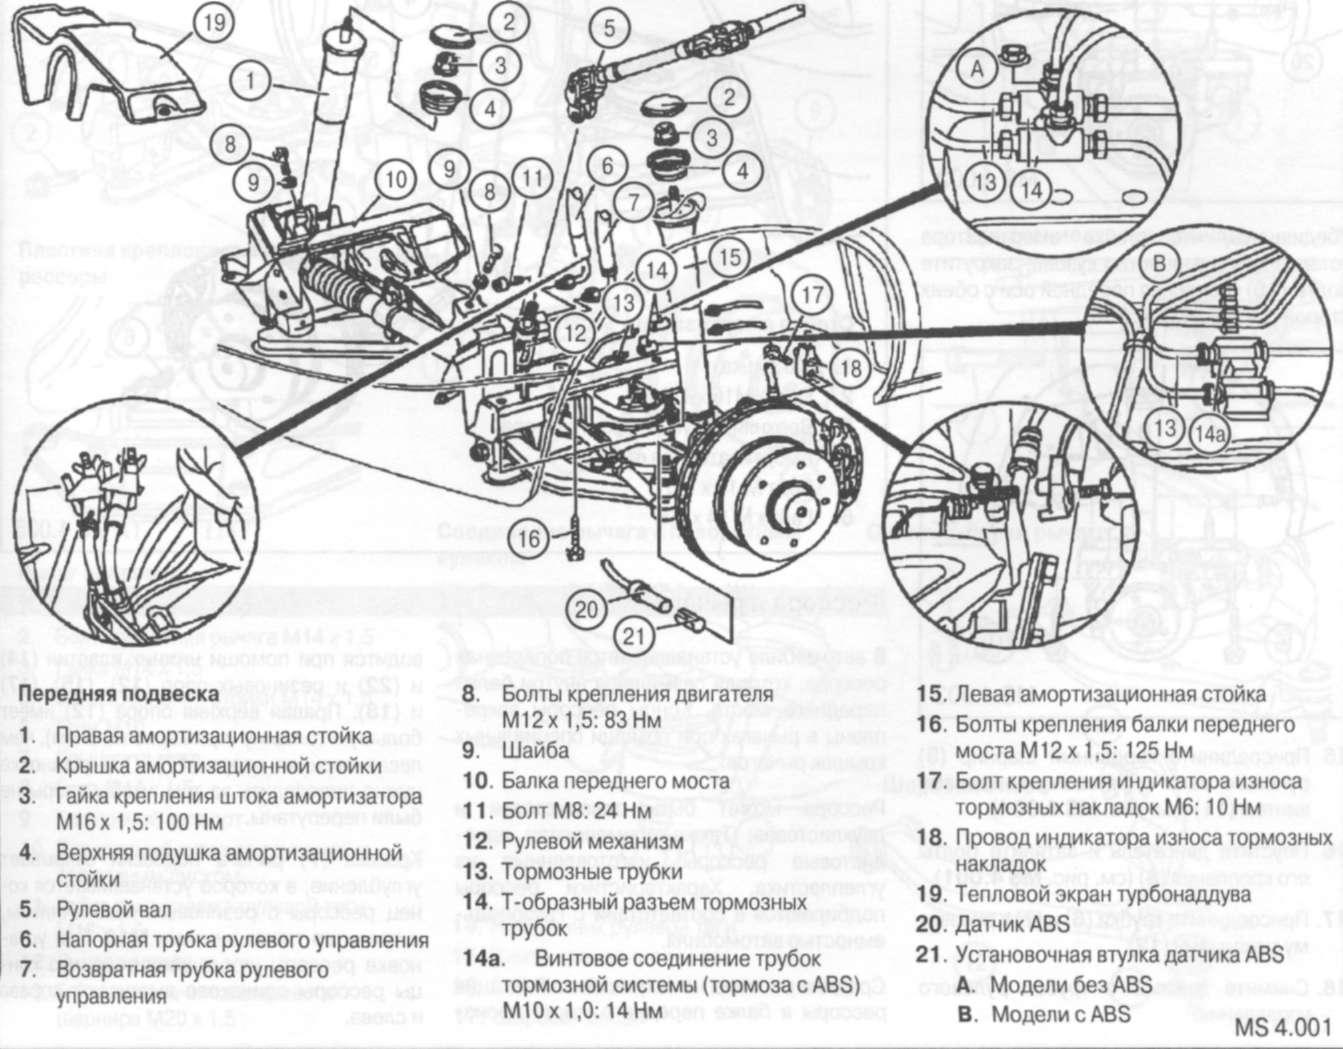 6.2.2 Снятие и установка передней подвески